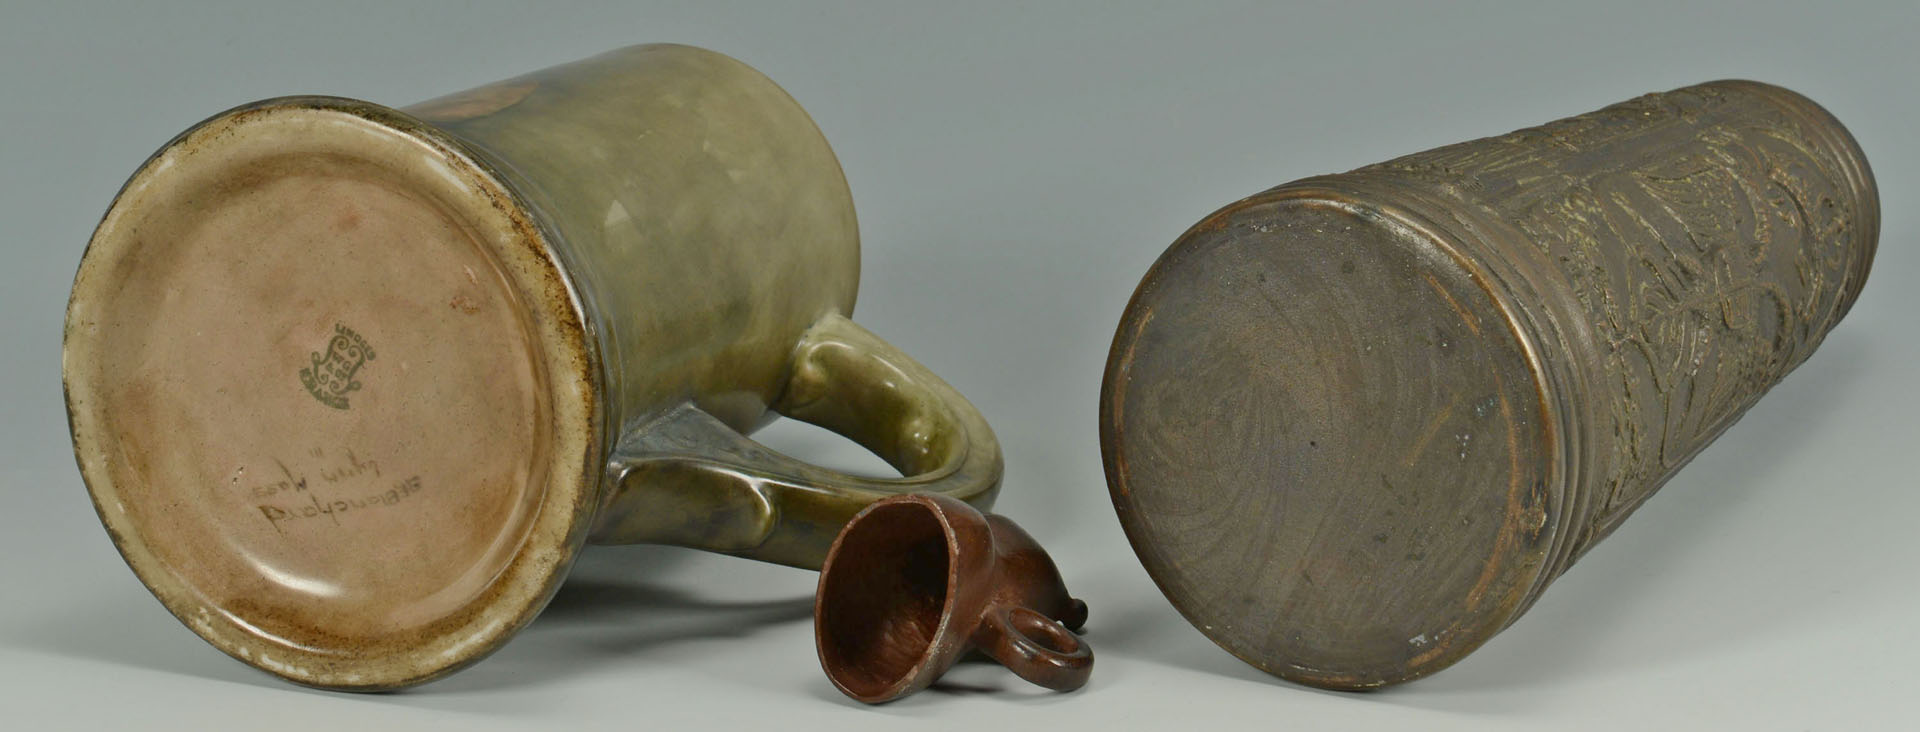 Lot 723: Bronze Kreussen style tankard, Limoge tankard, & m